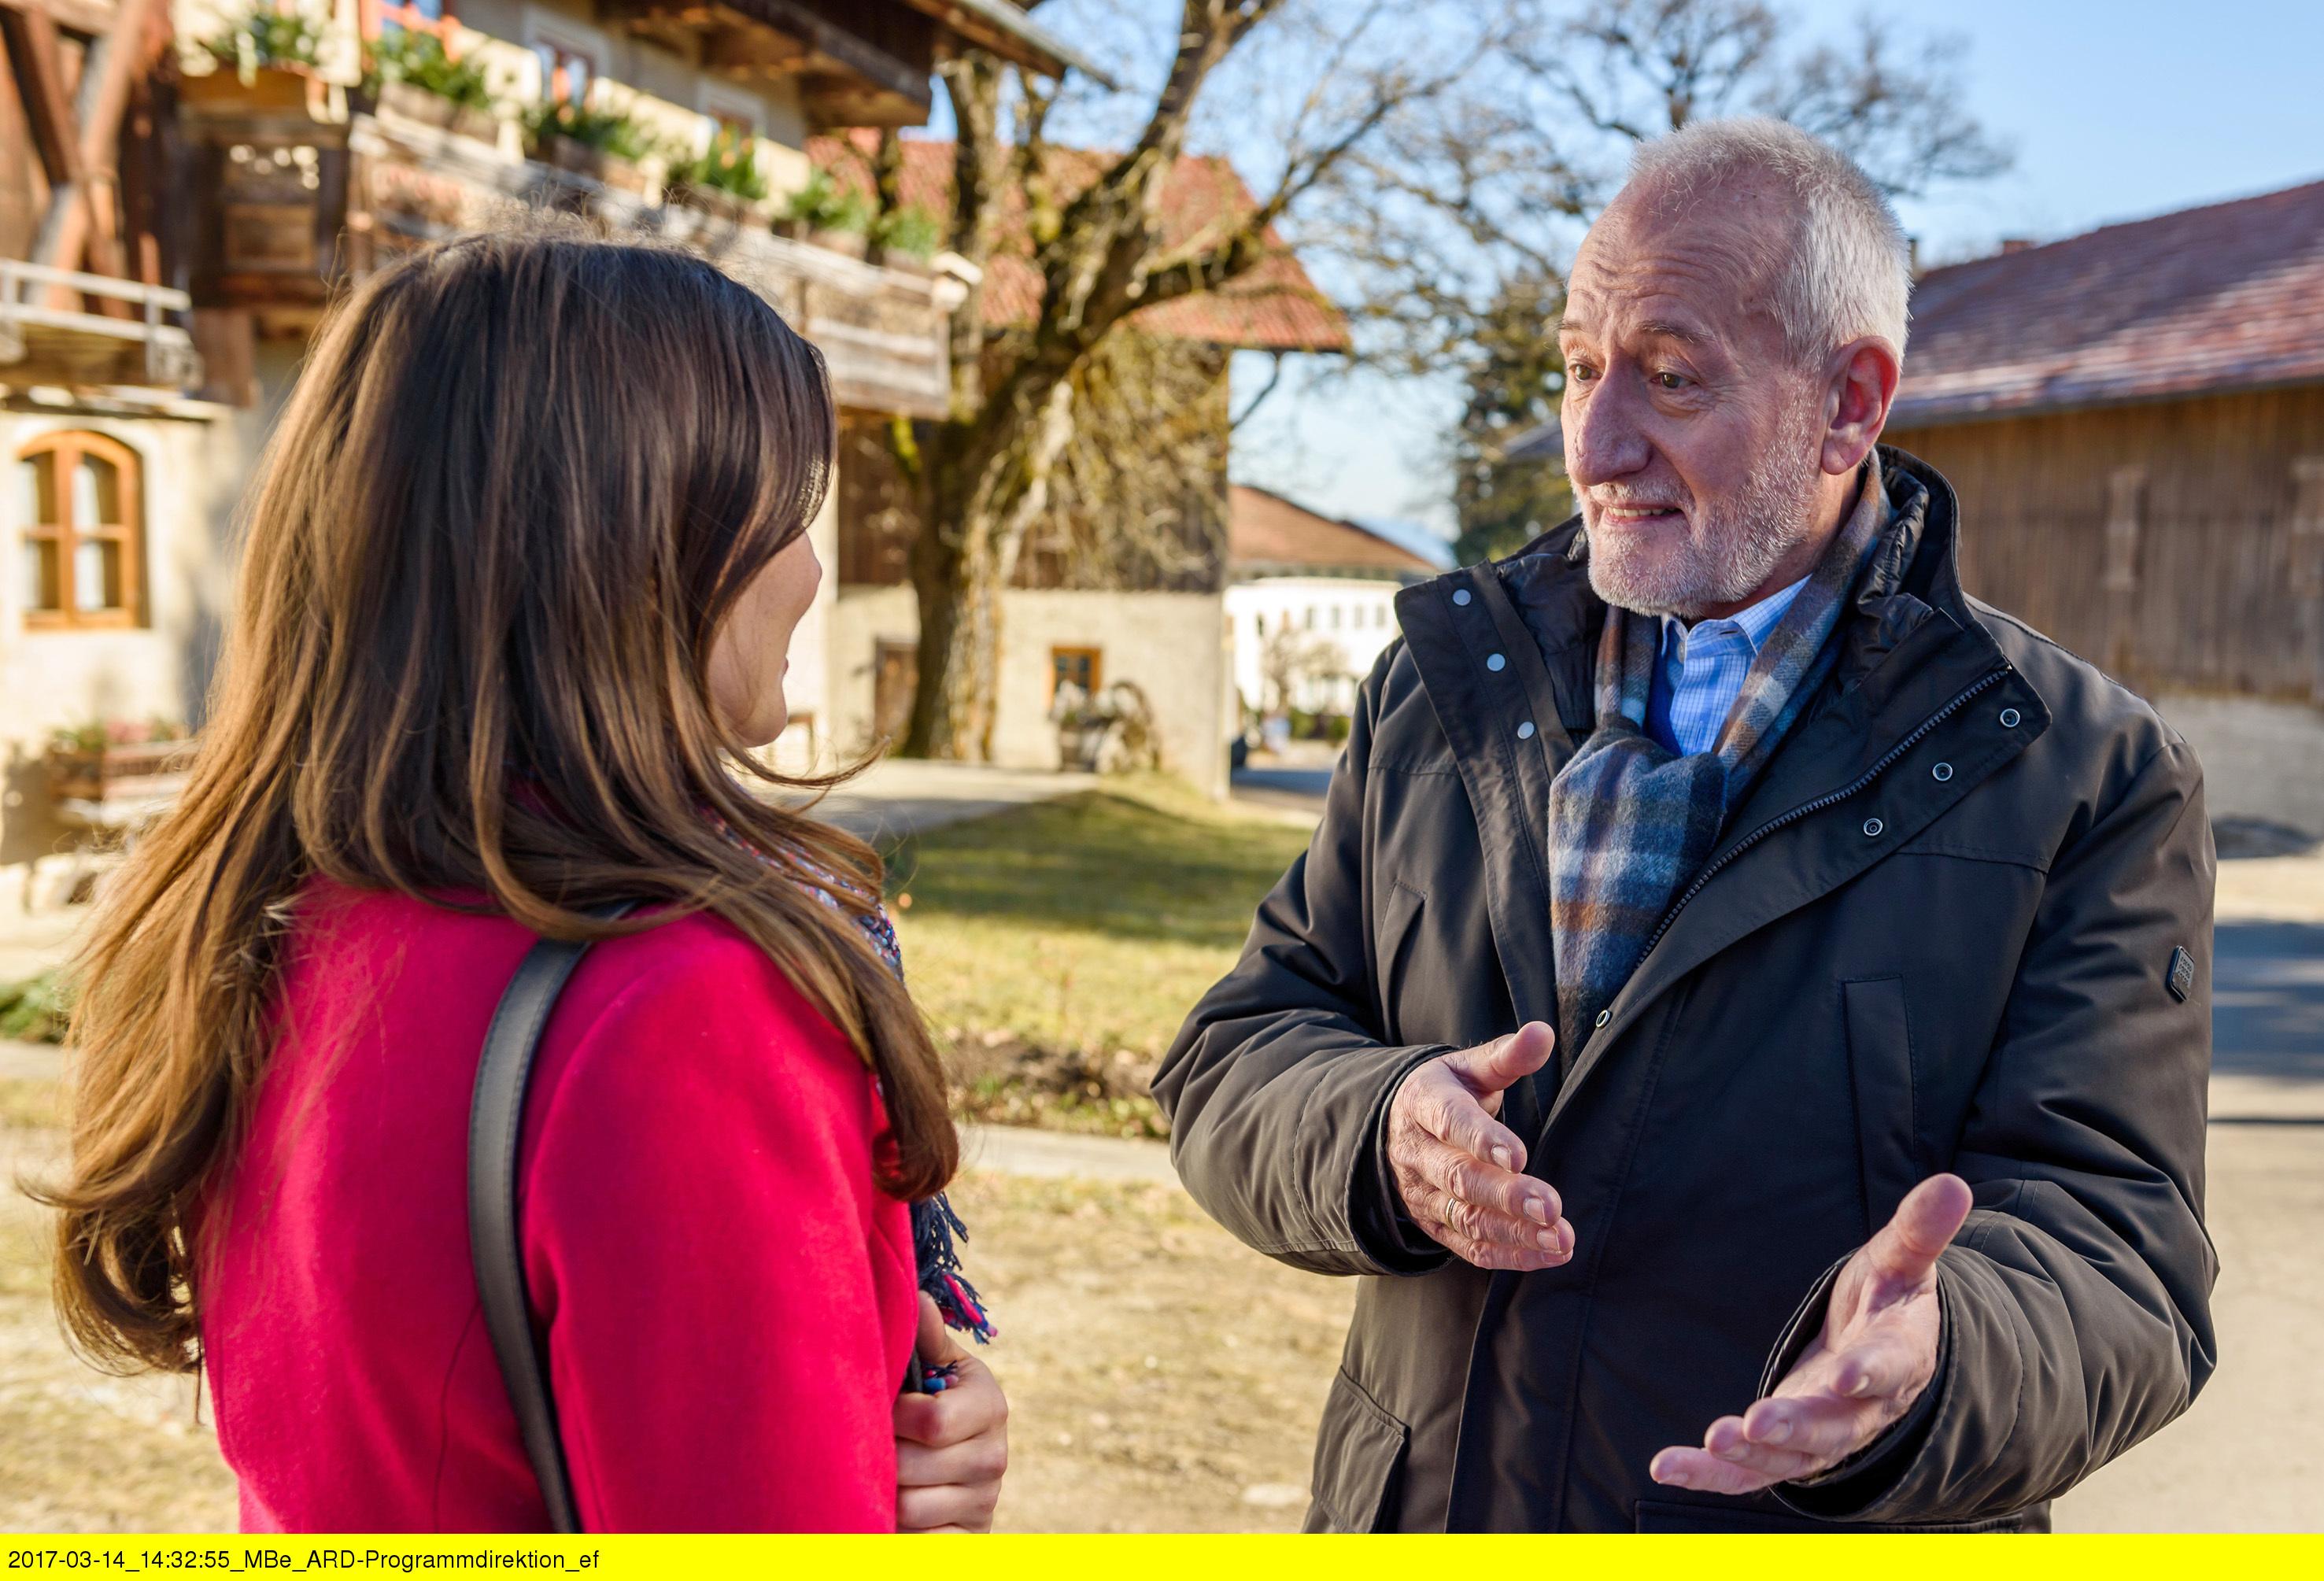 ARD STURM DER LIEBE FOLGE 2677, am Freitag (28.04.17) um 15:10 Uhr im ERSTEN. Alfons (Sepp Schauer, r.) und Clara (Jeannine Wacker, l.) unterhalten sich über die anstehende Modenschau. (Quelle: ARD/Christof Anrold)